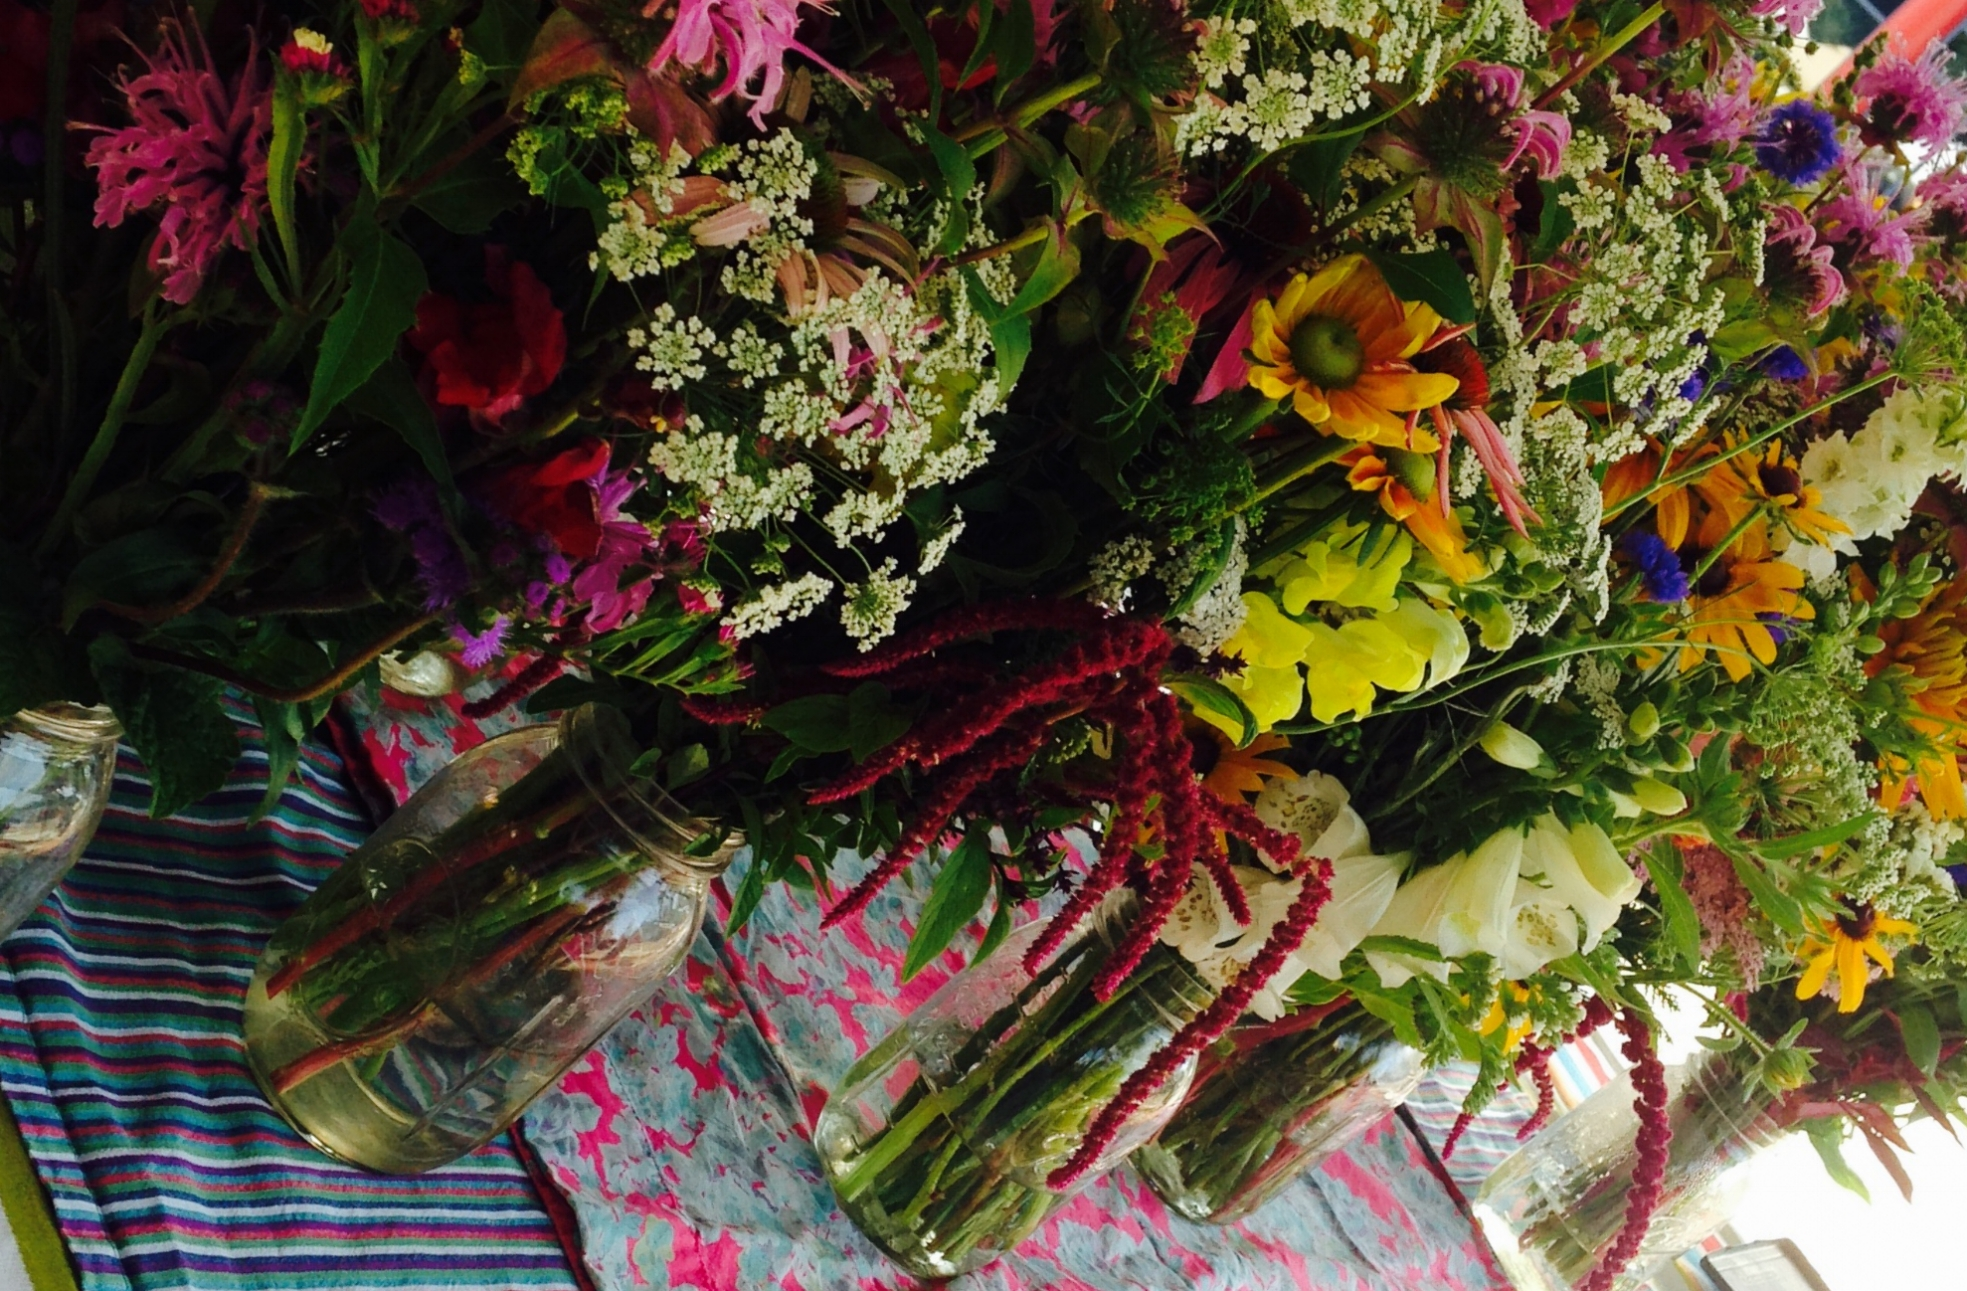 market bouquets across table.jpg